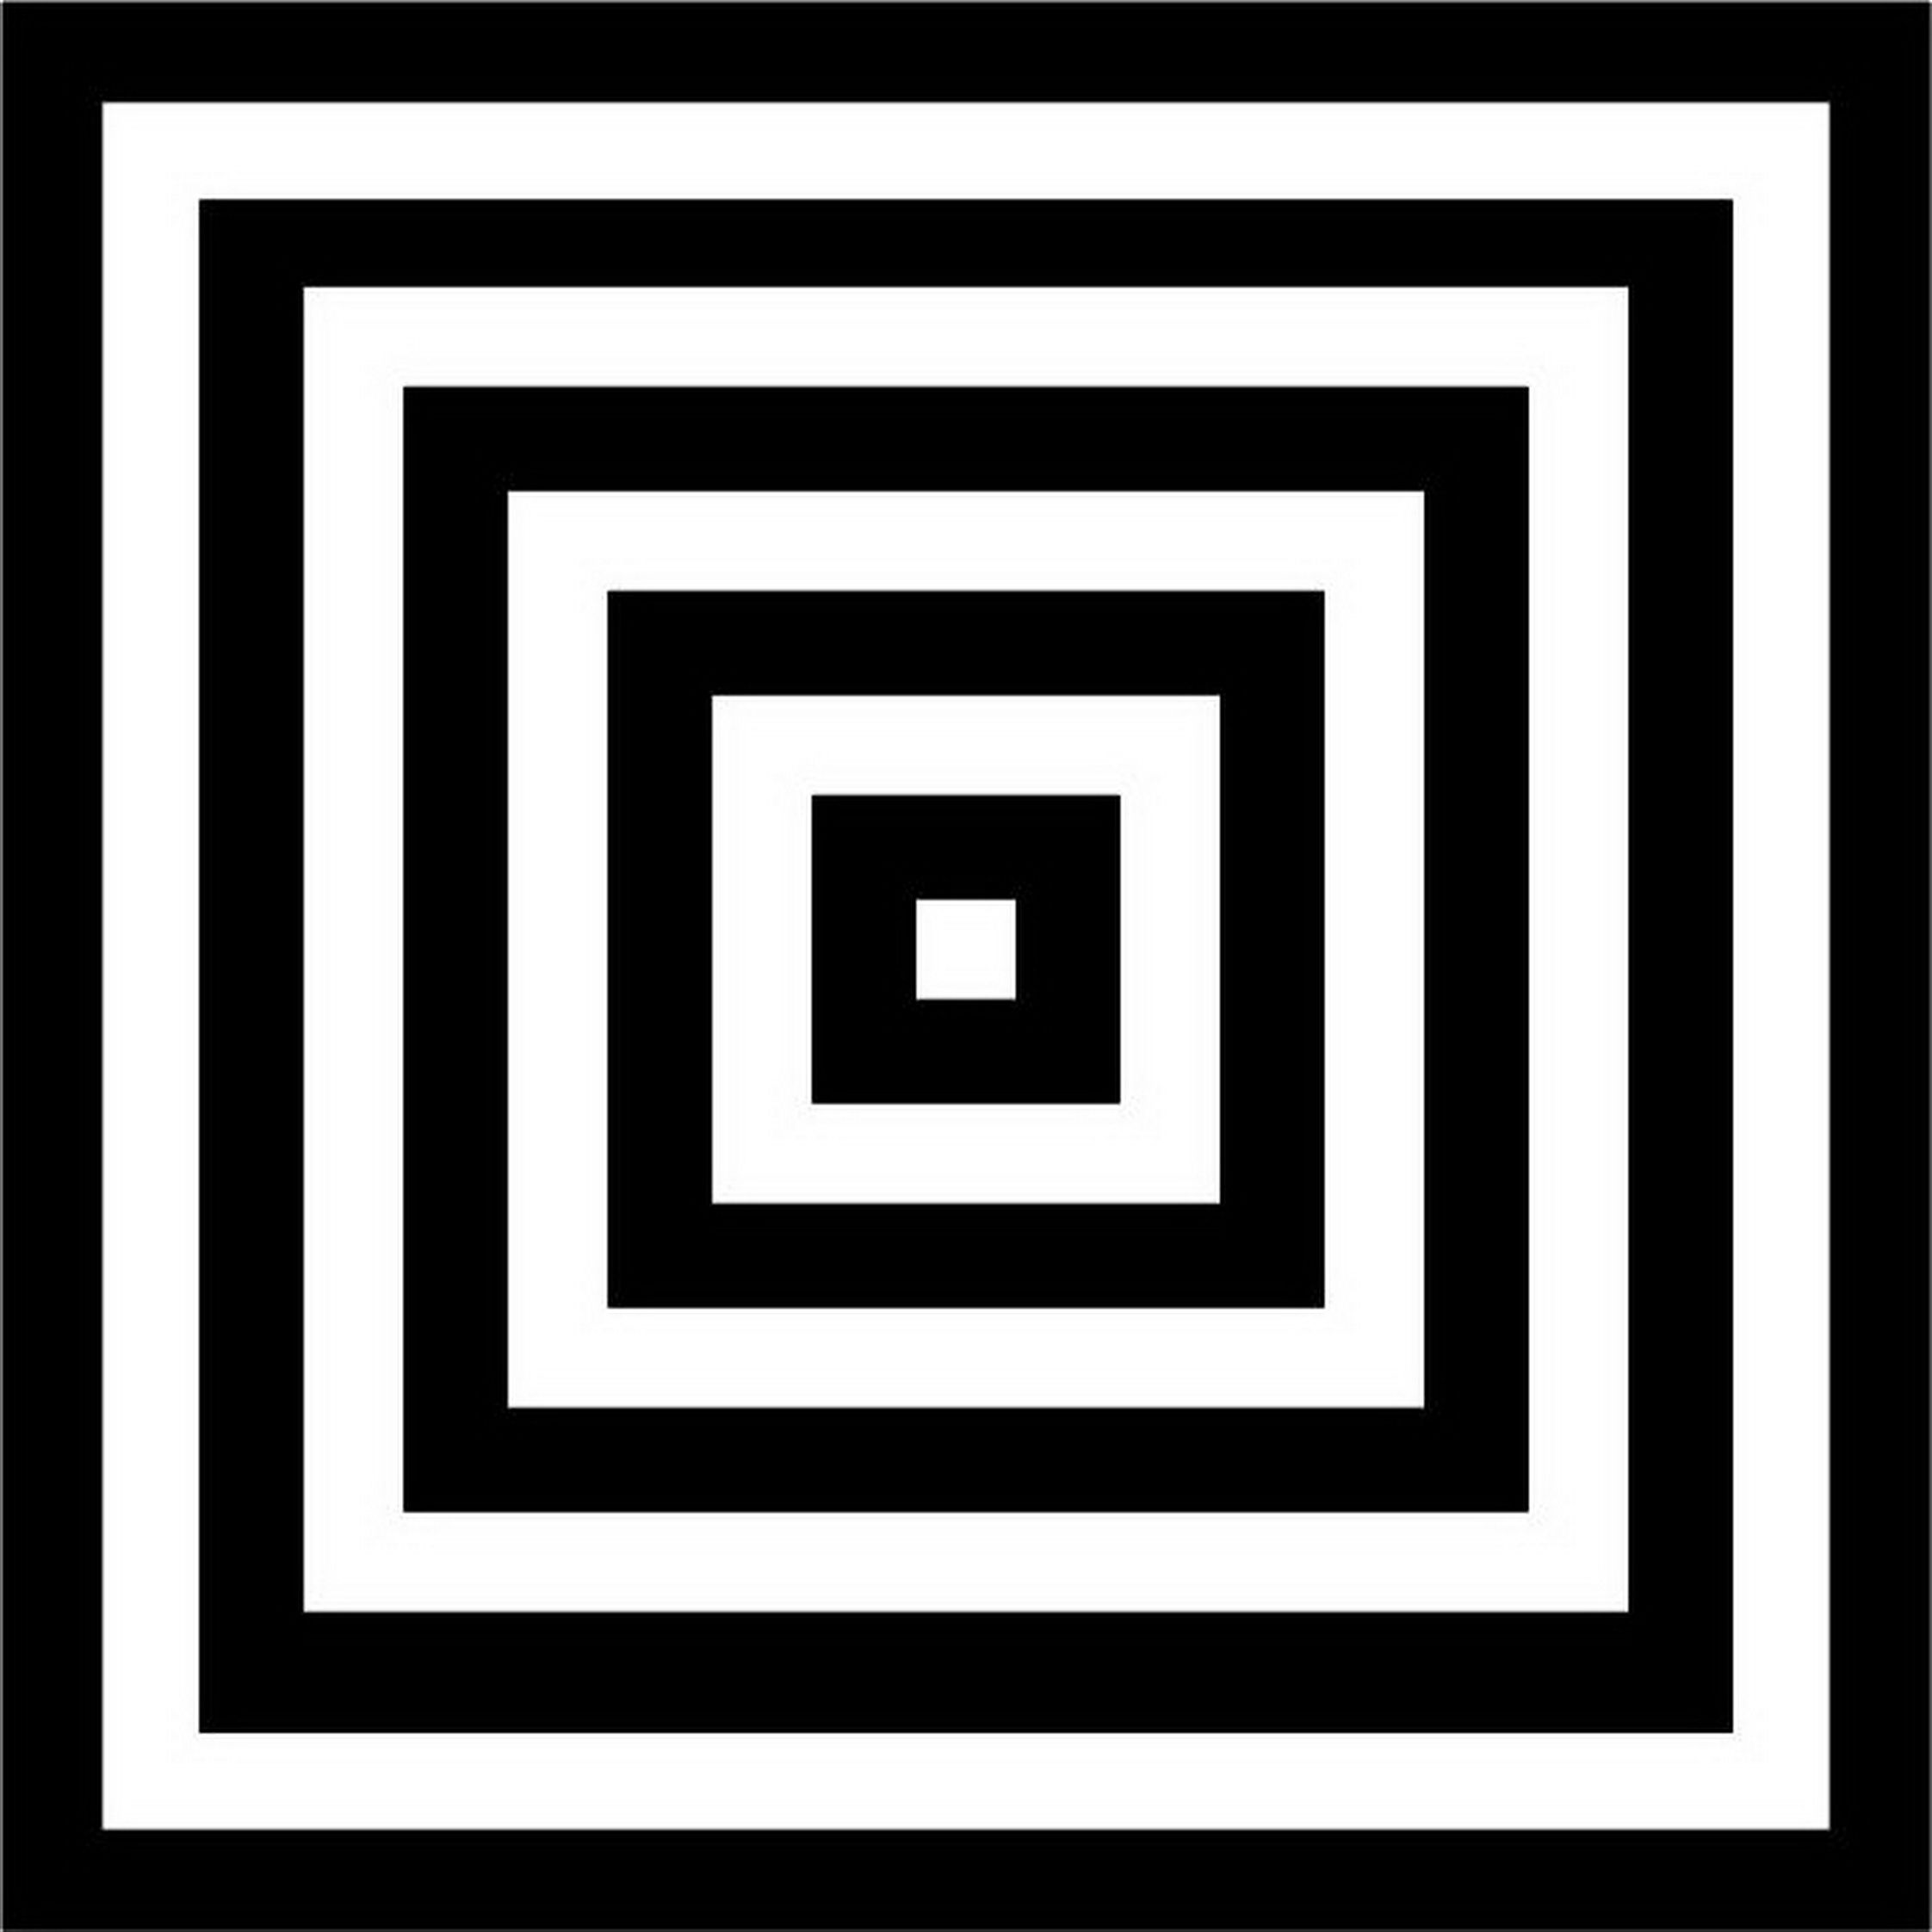 черно белые картинки для развития зрения малыша ботаническом